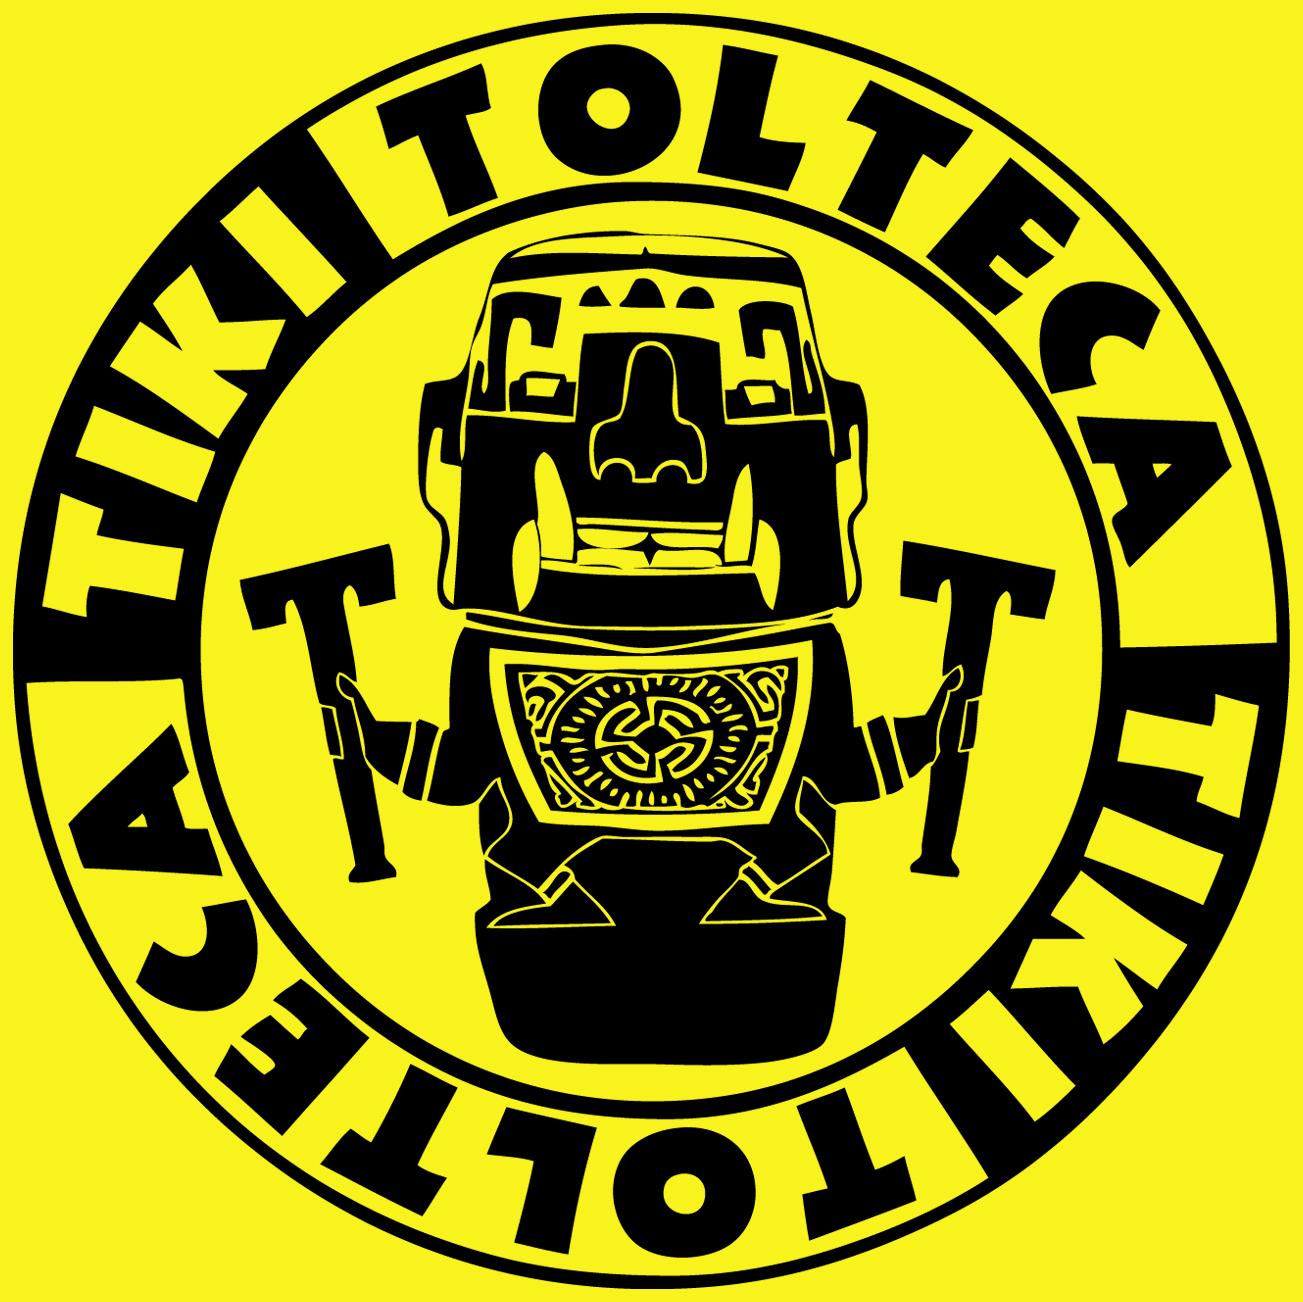 tikitolteca_logo_final.jpg